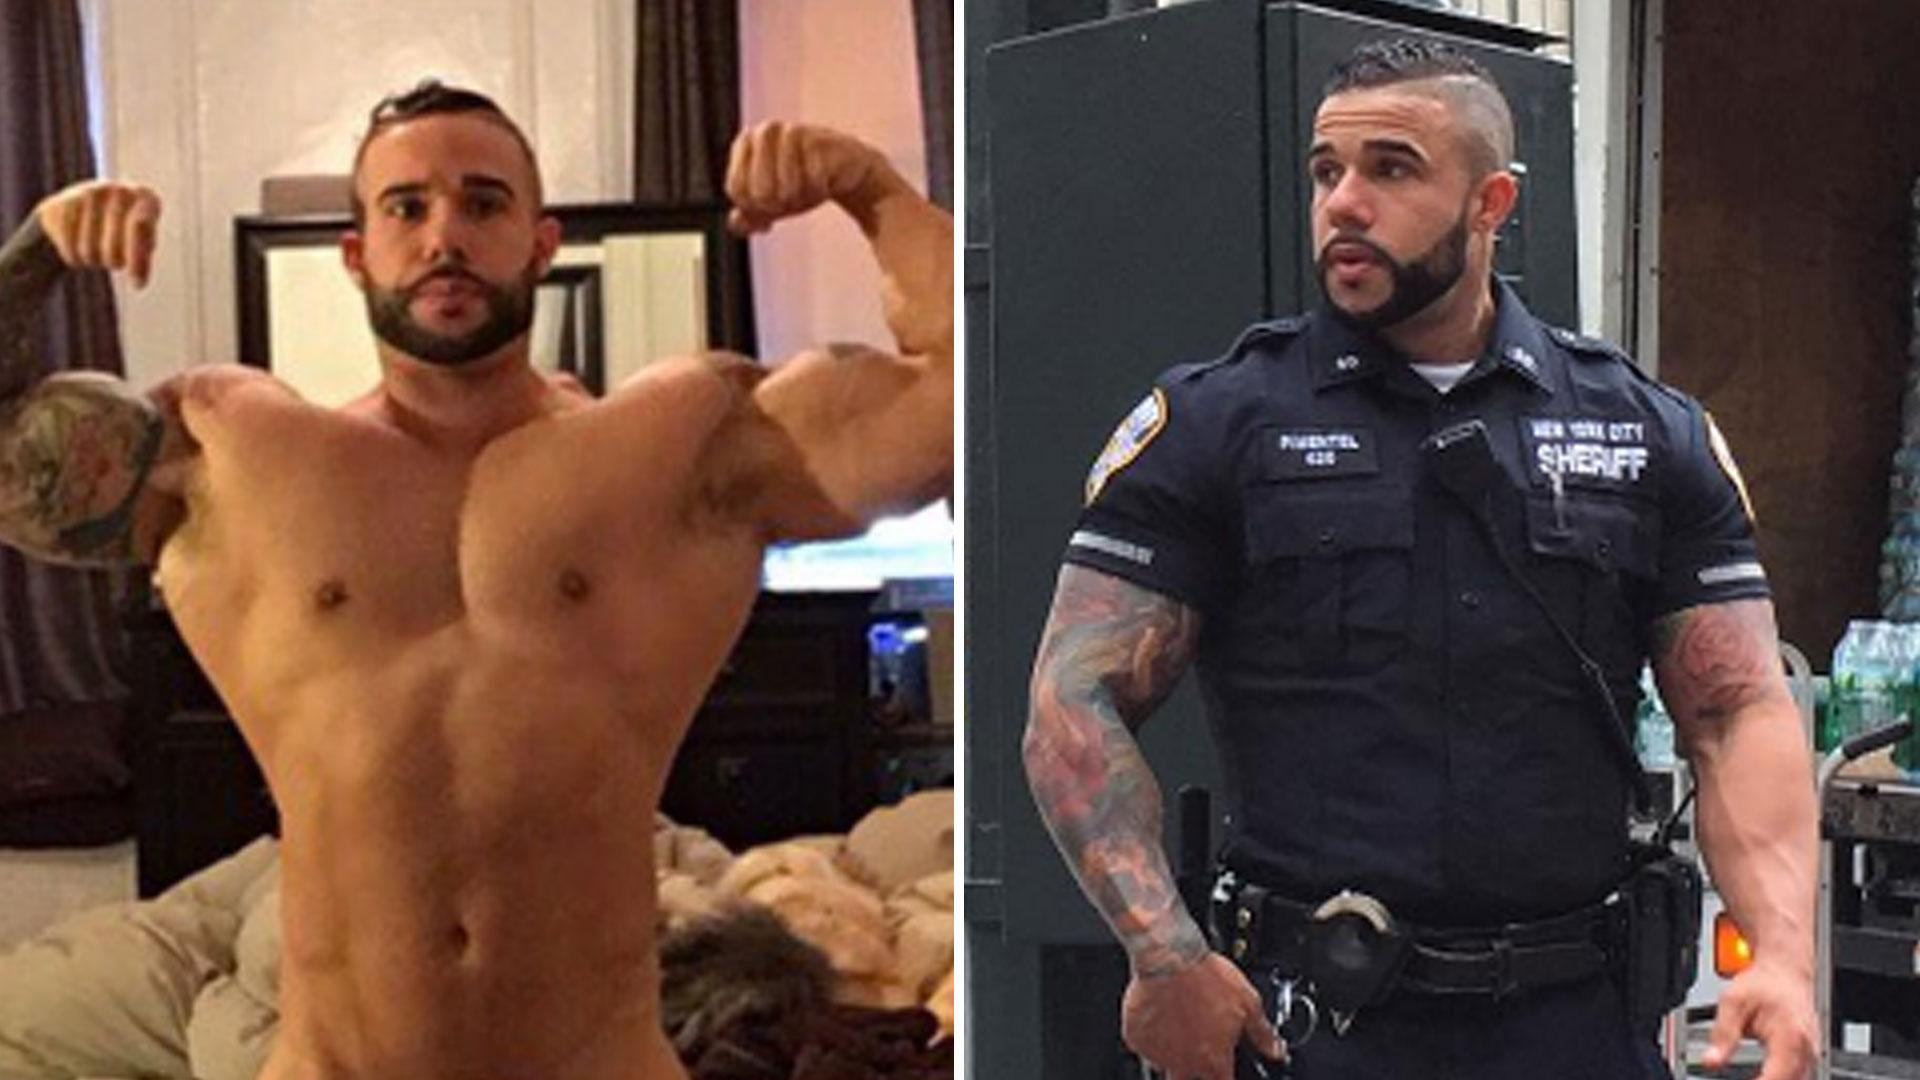 uniforme gay senos